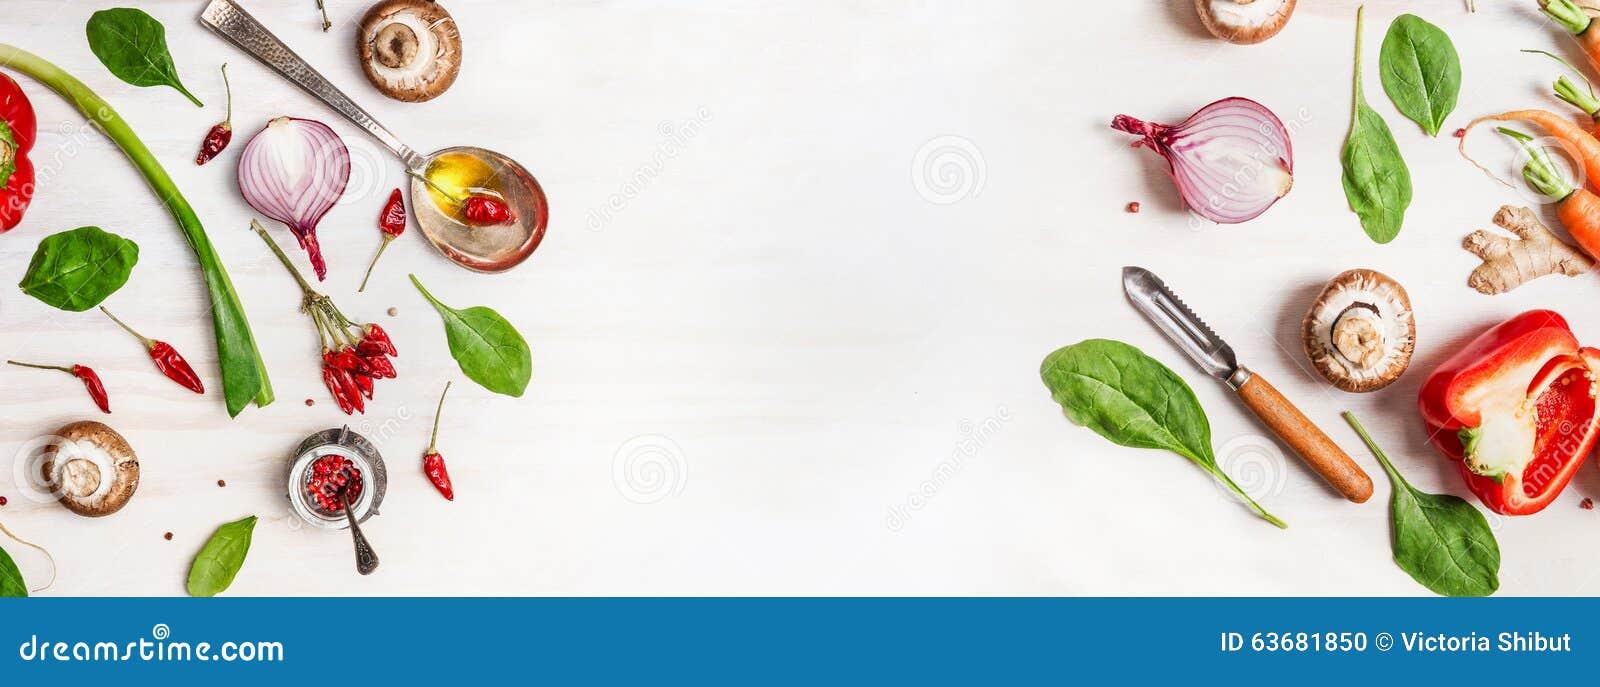 Fond sain de nourriture avec de divers ingrédients de légumes, cuillère avec de l huile et éplucheuse